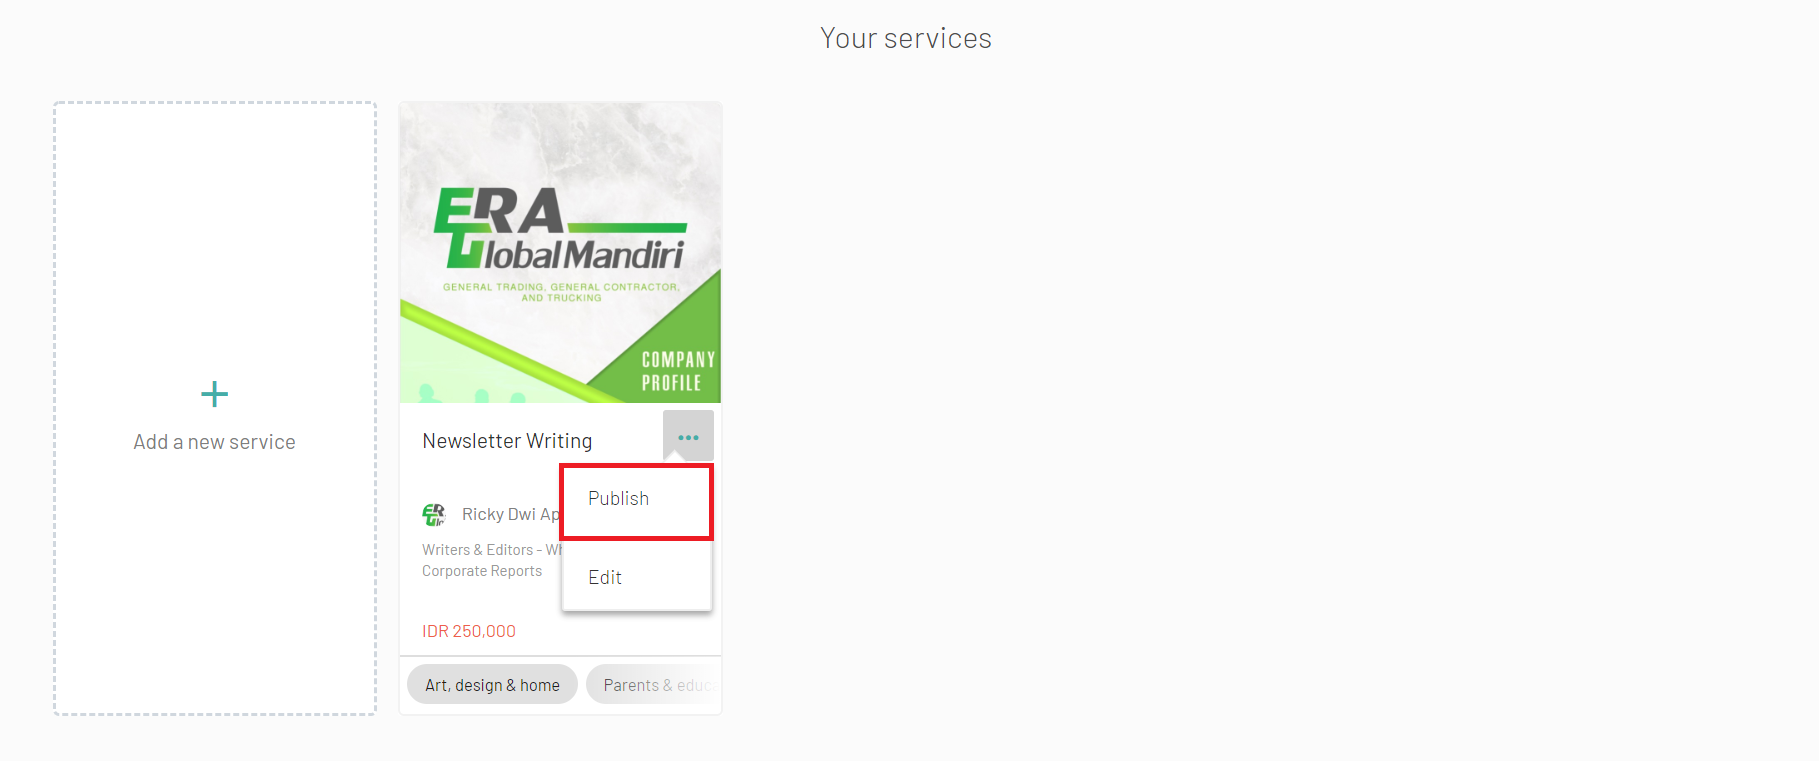 service publish